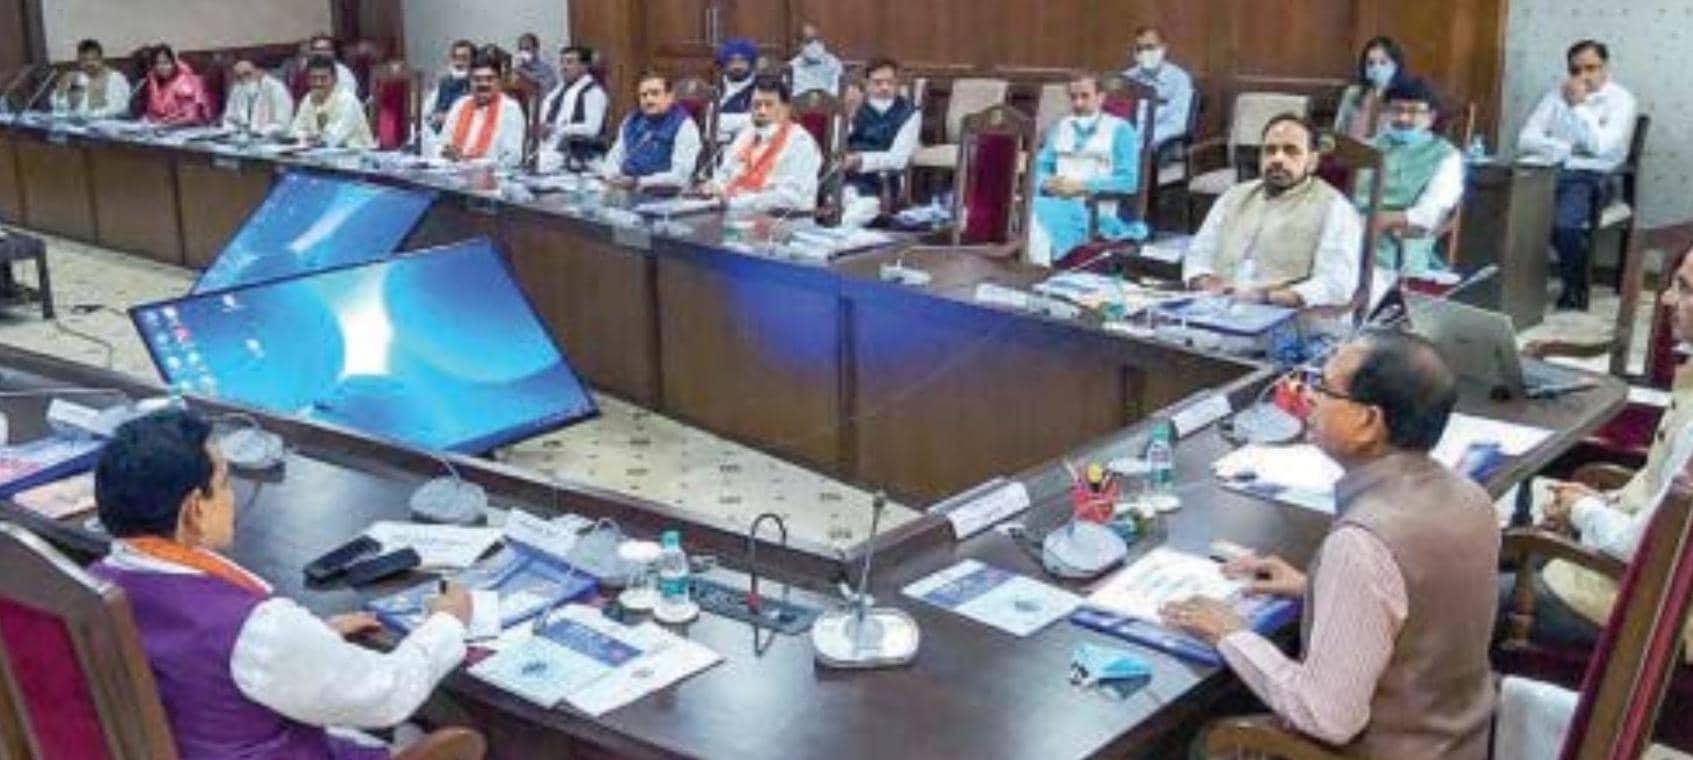 மத்திய பிரதேச அமைச்சரவை விரிவாக்கம் சிந்தியா ஆதரவாளர்களுக்கு அதிக வாய்ப்பு